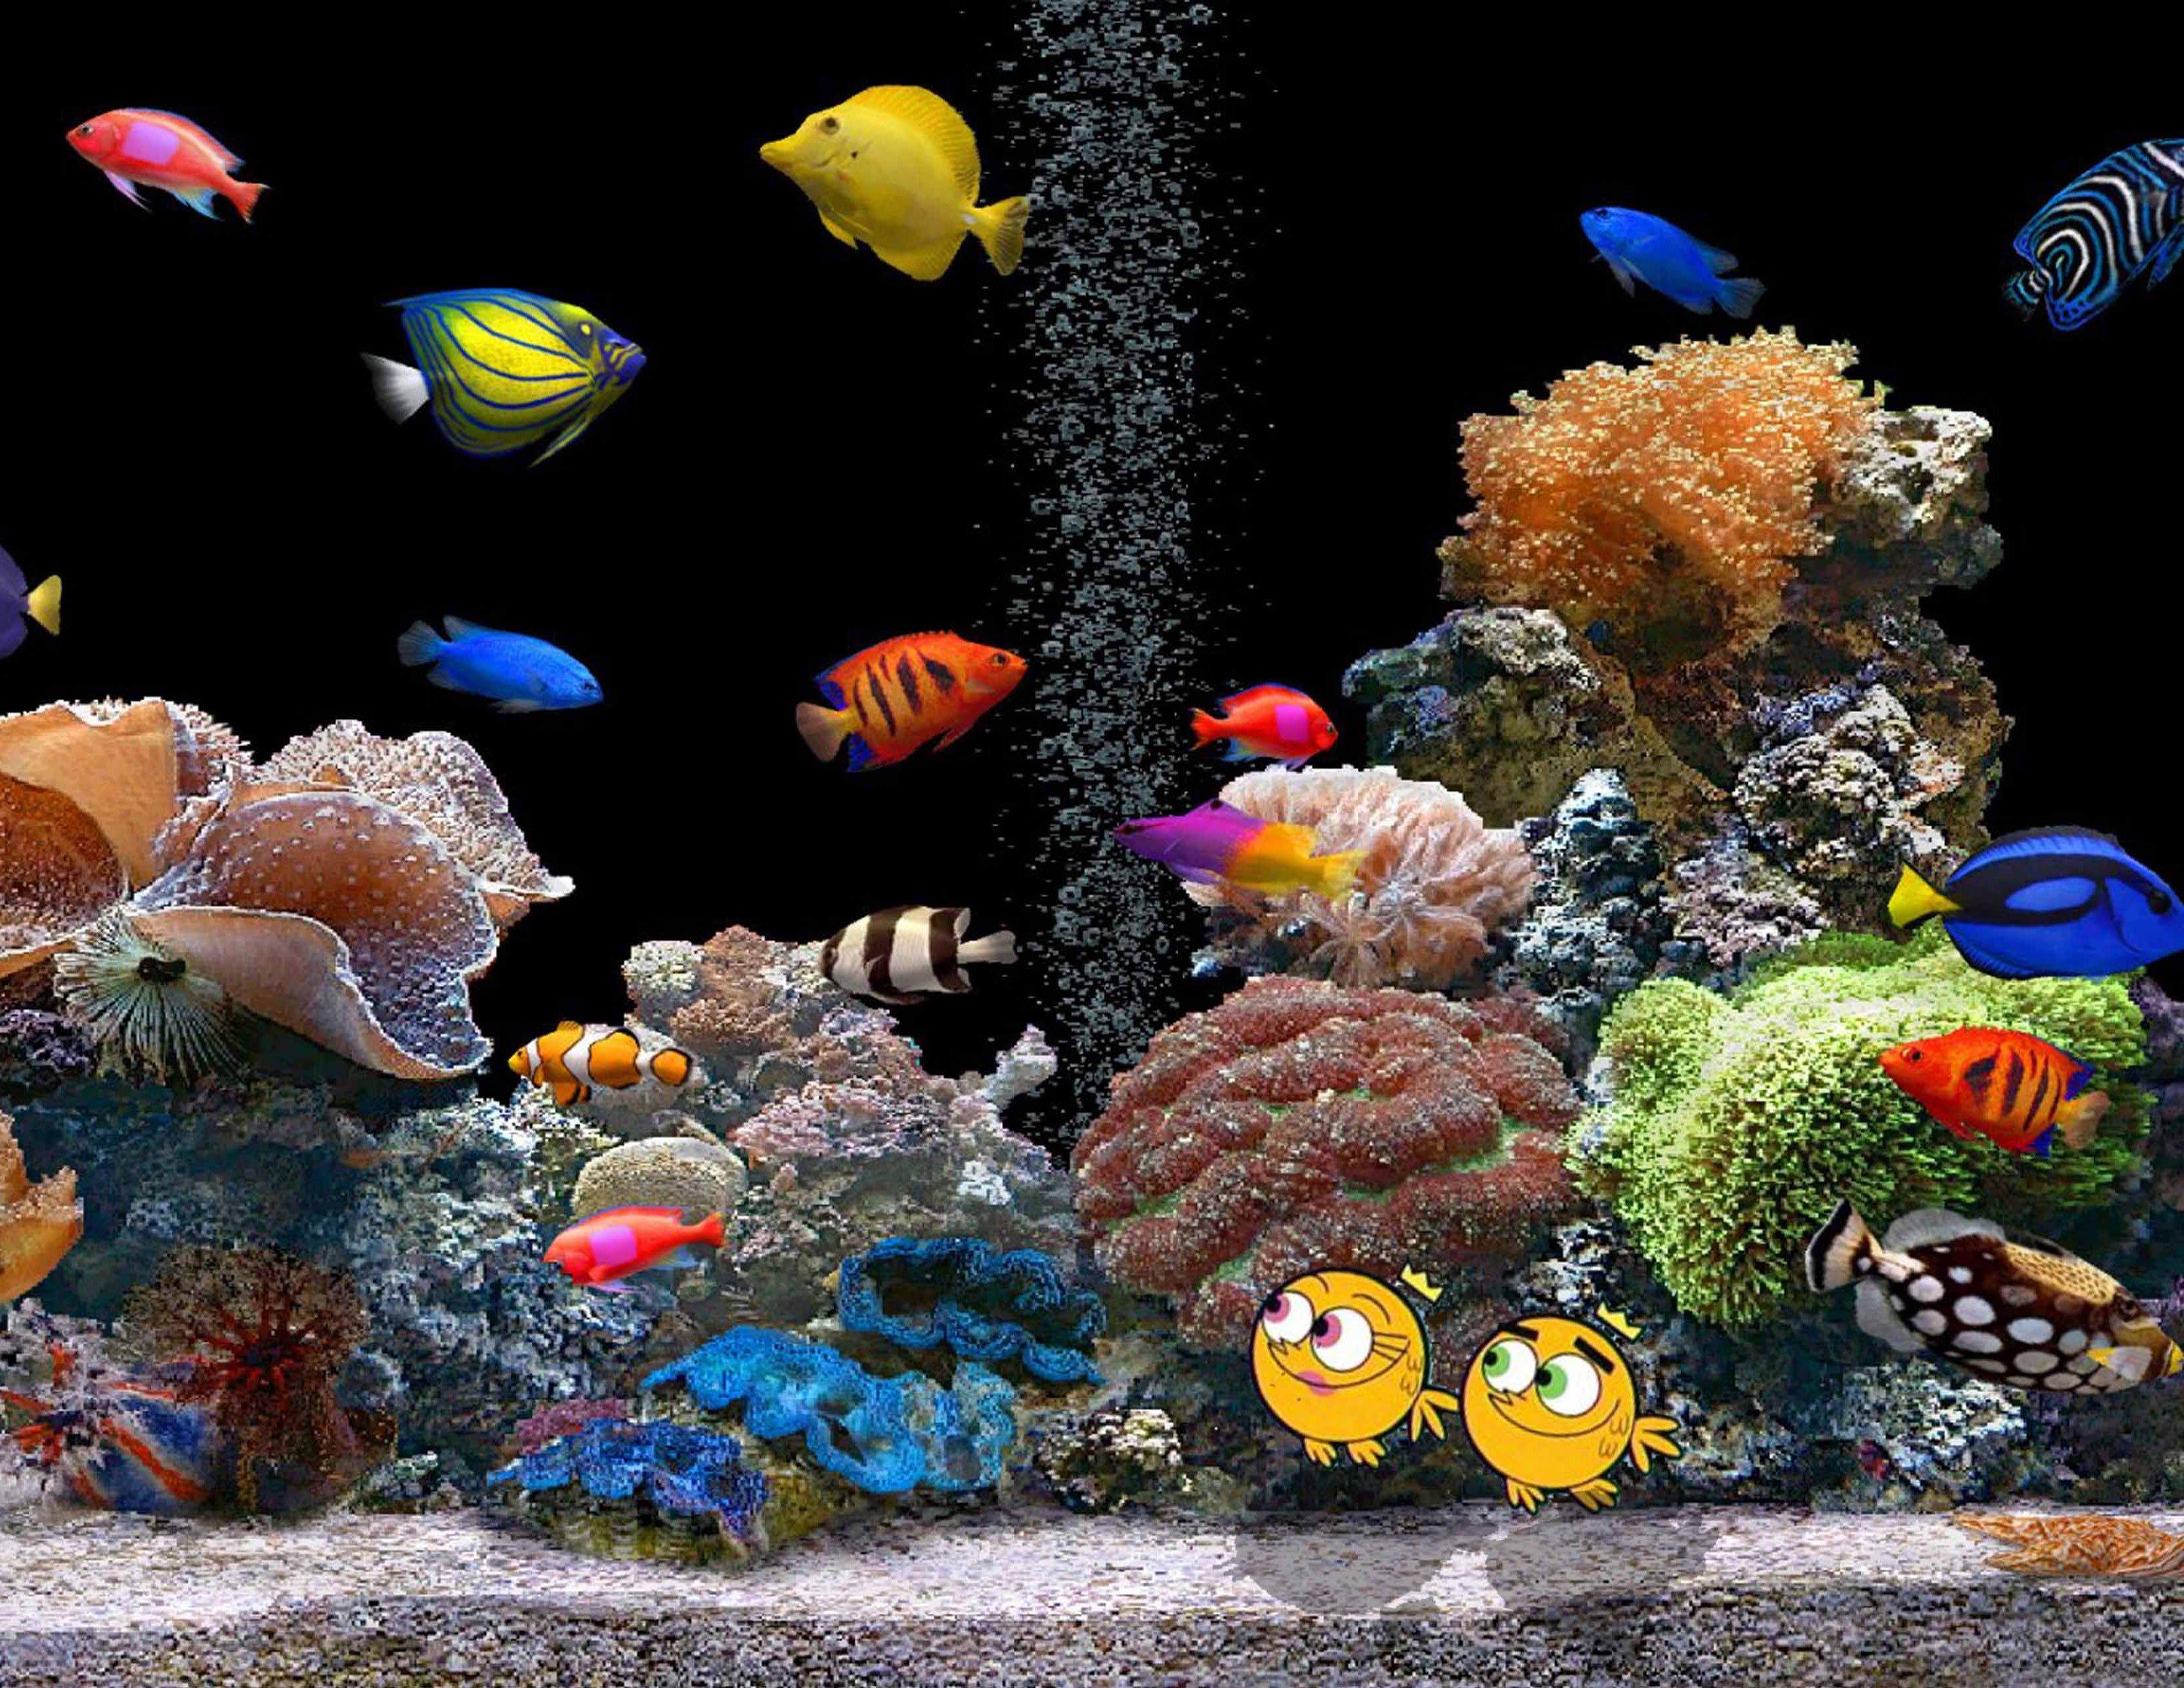 Обои для стола рабочего аквариум живой